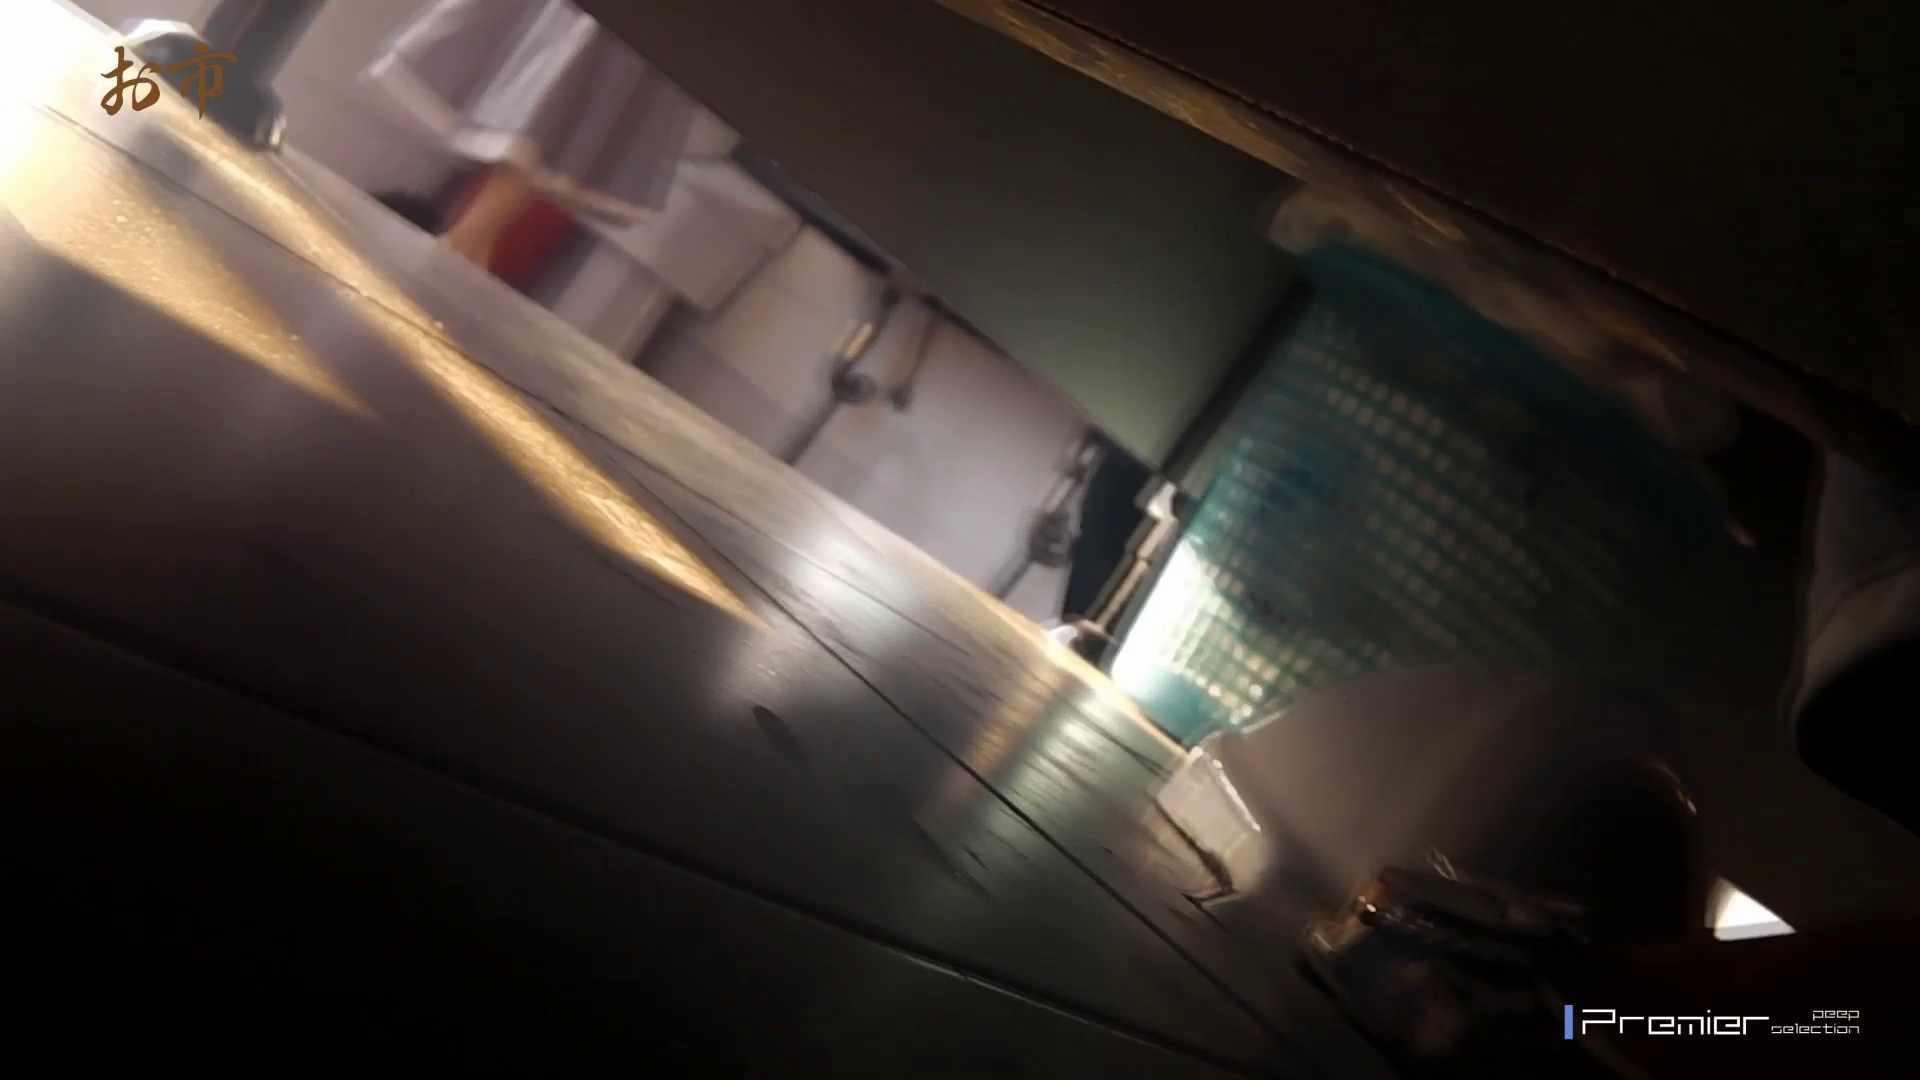 潜入!!台湾名門女学院 Vol.14 ラストコンテンツ!! エッチすぎるOL達 オメコ無修正動画無料 86連発 78